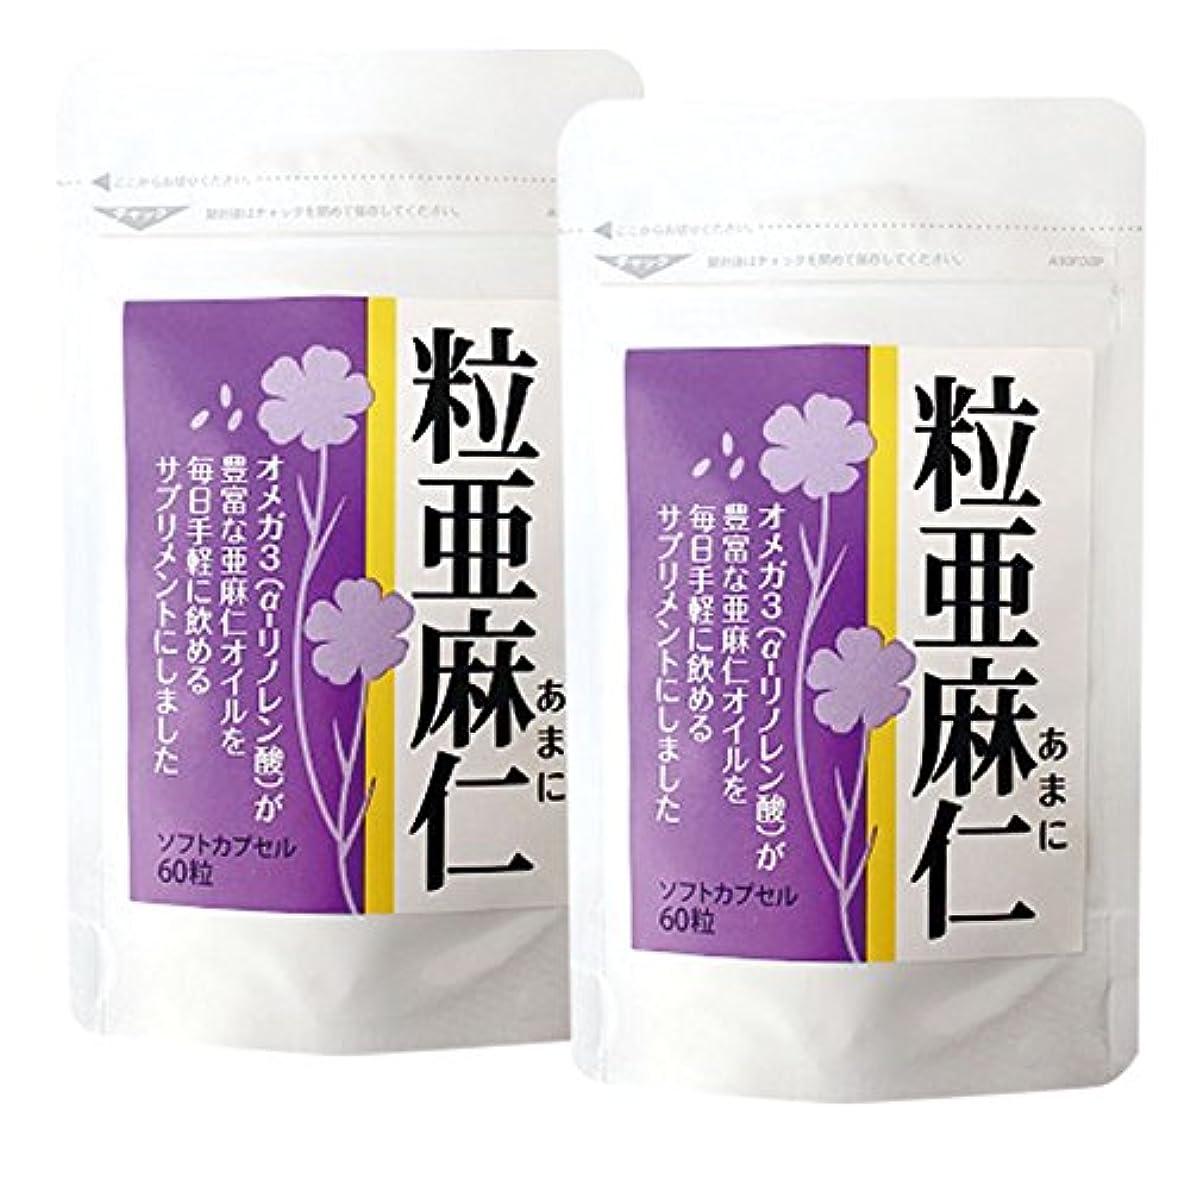 ムスタチオ海外でお父さん粒亜麻仁(60粒)×2袋セット